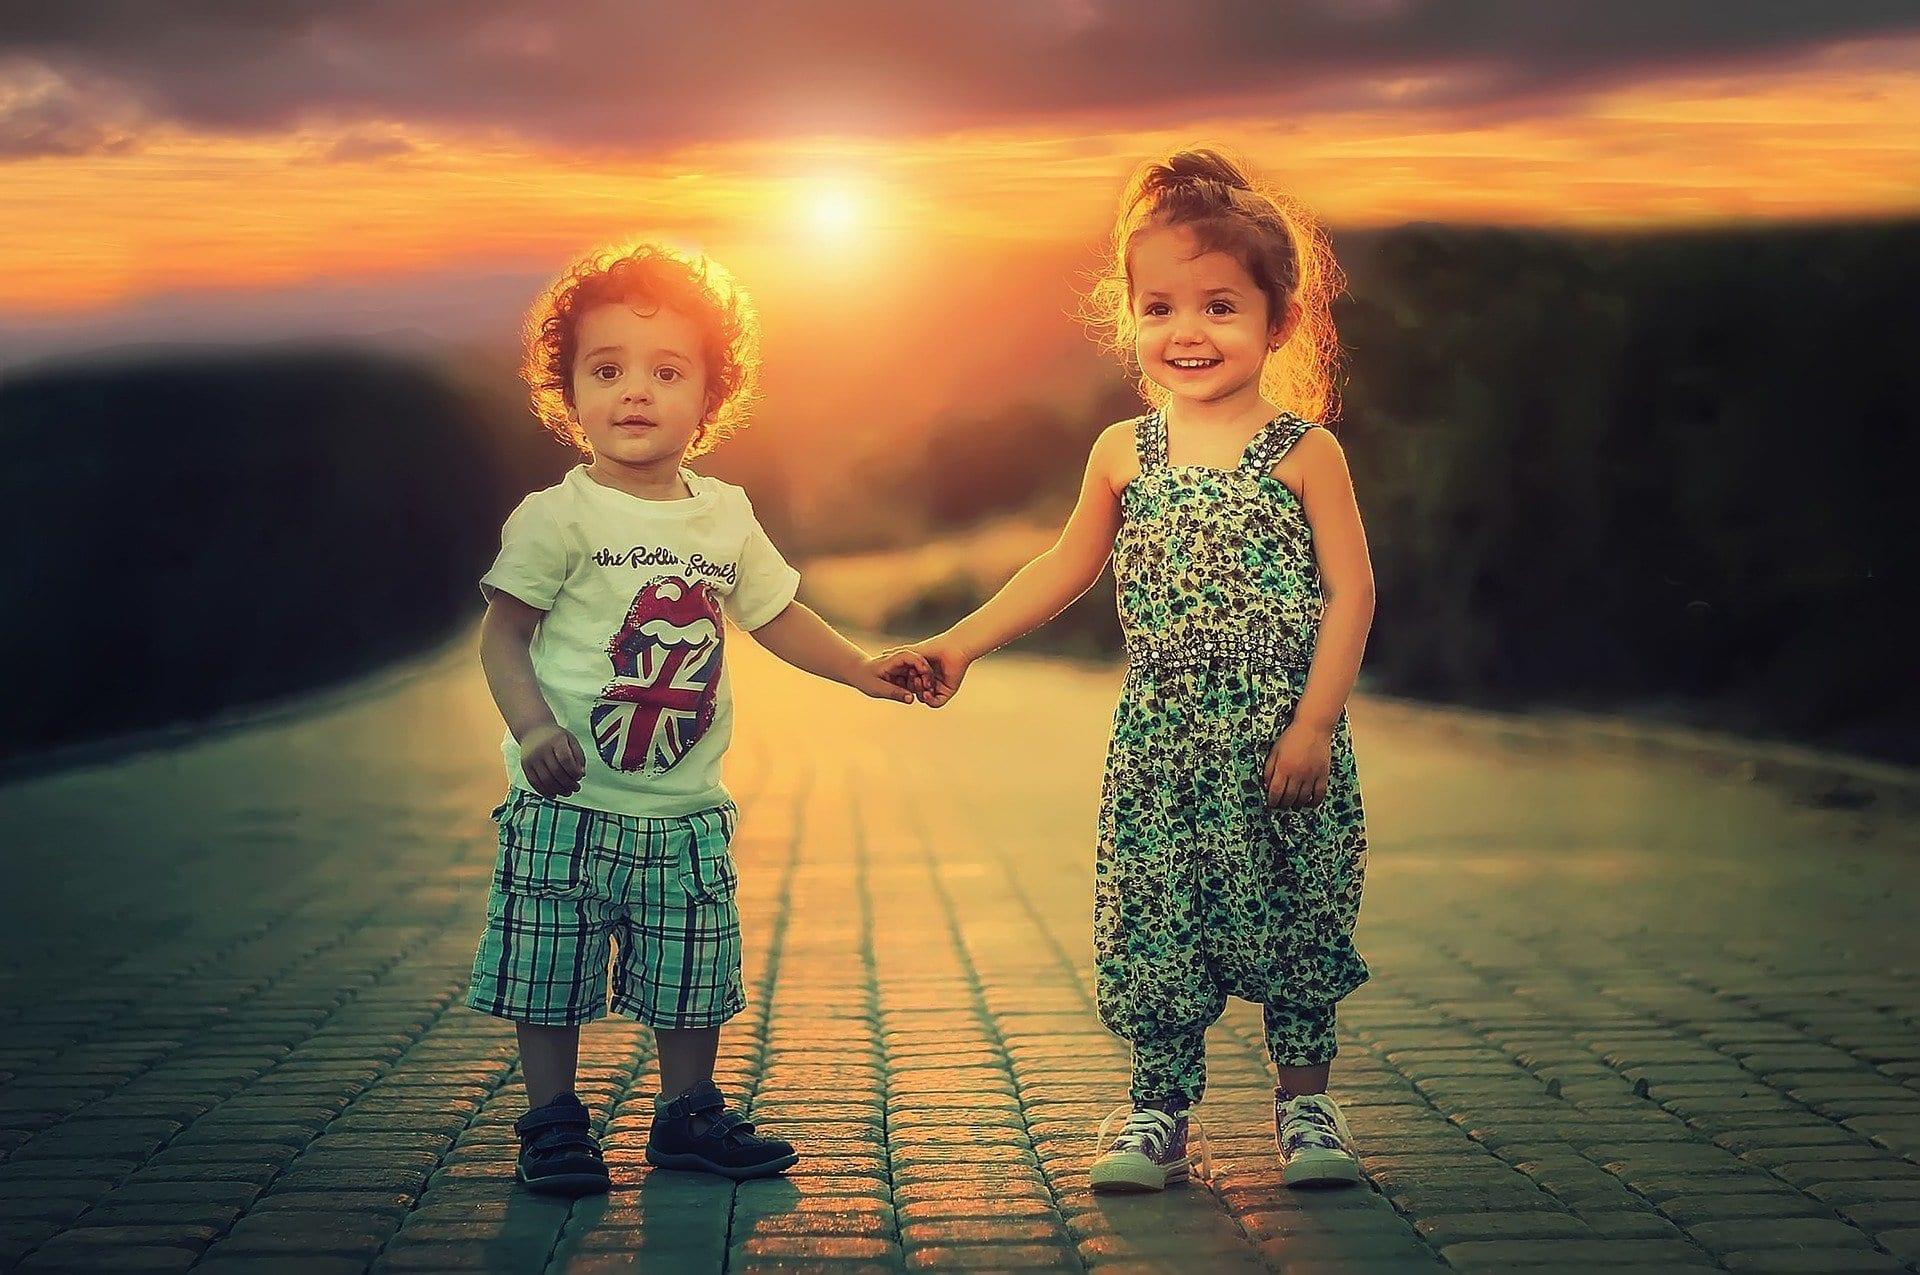 Geschwisterstreit vorbeugen - Beziehung unter Geschwistern stärken 24